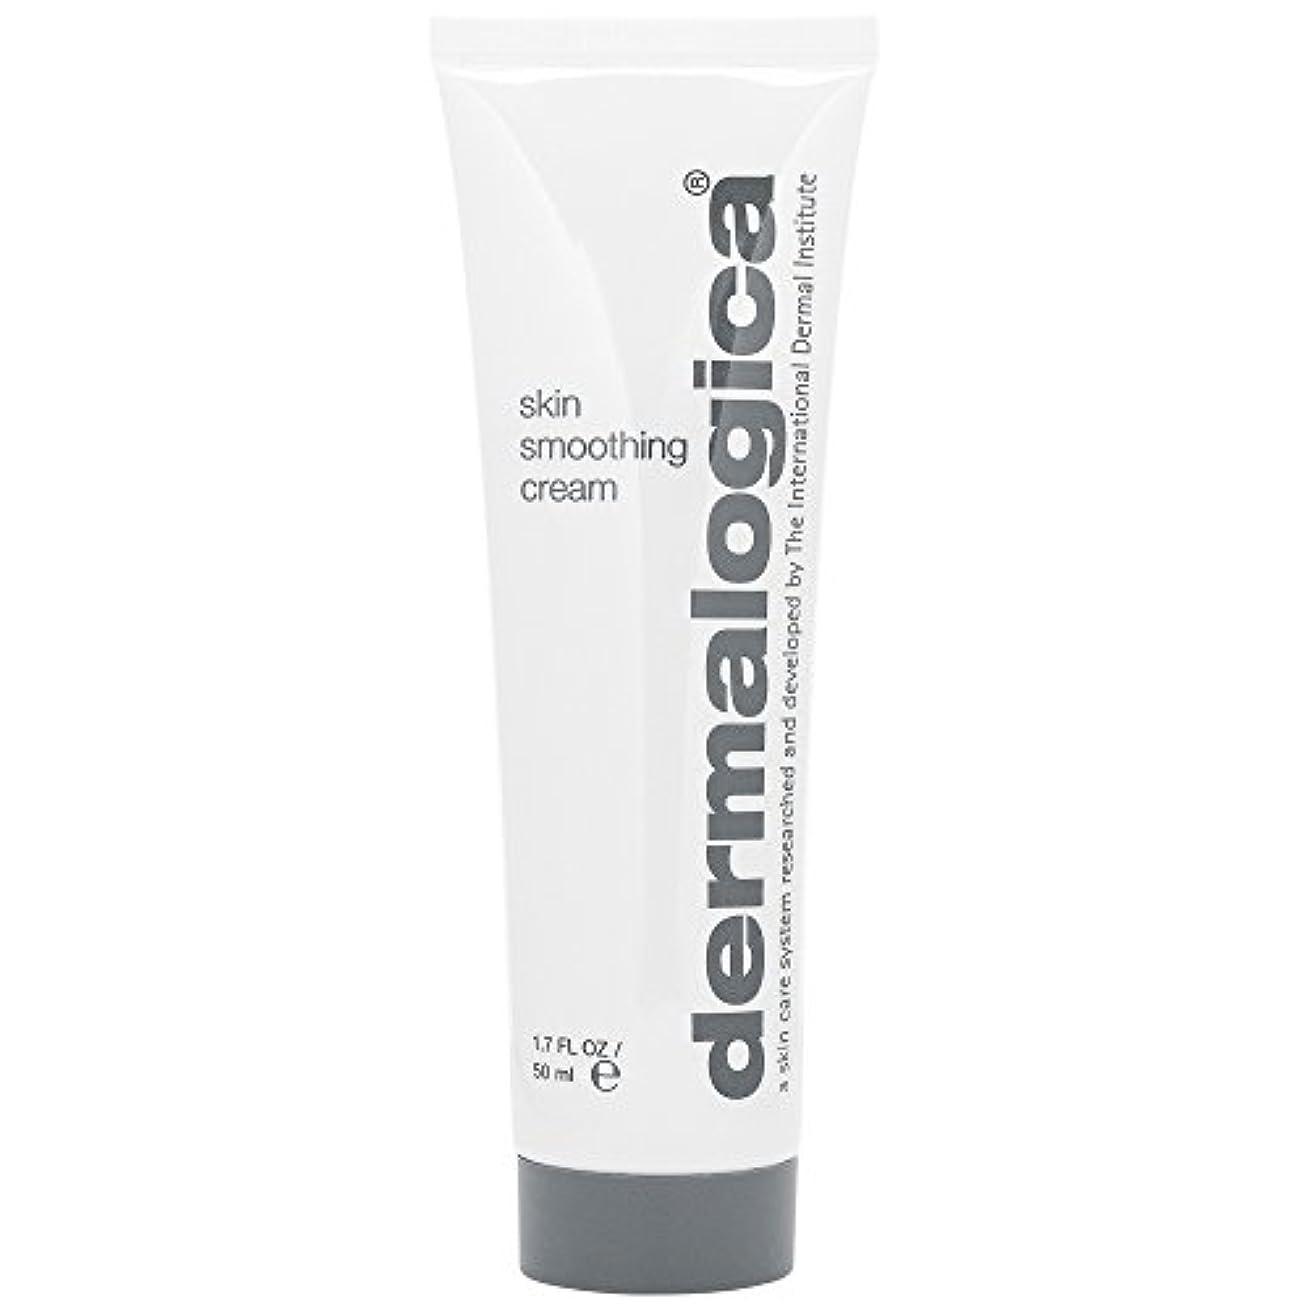 容疑者不利年次ダーマロジカスキンスムージングクリーム50ミリリットル (Dermalogica) - Dermalogica Skin Smoothing Cream 50ml [並行輸入品]